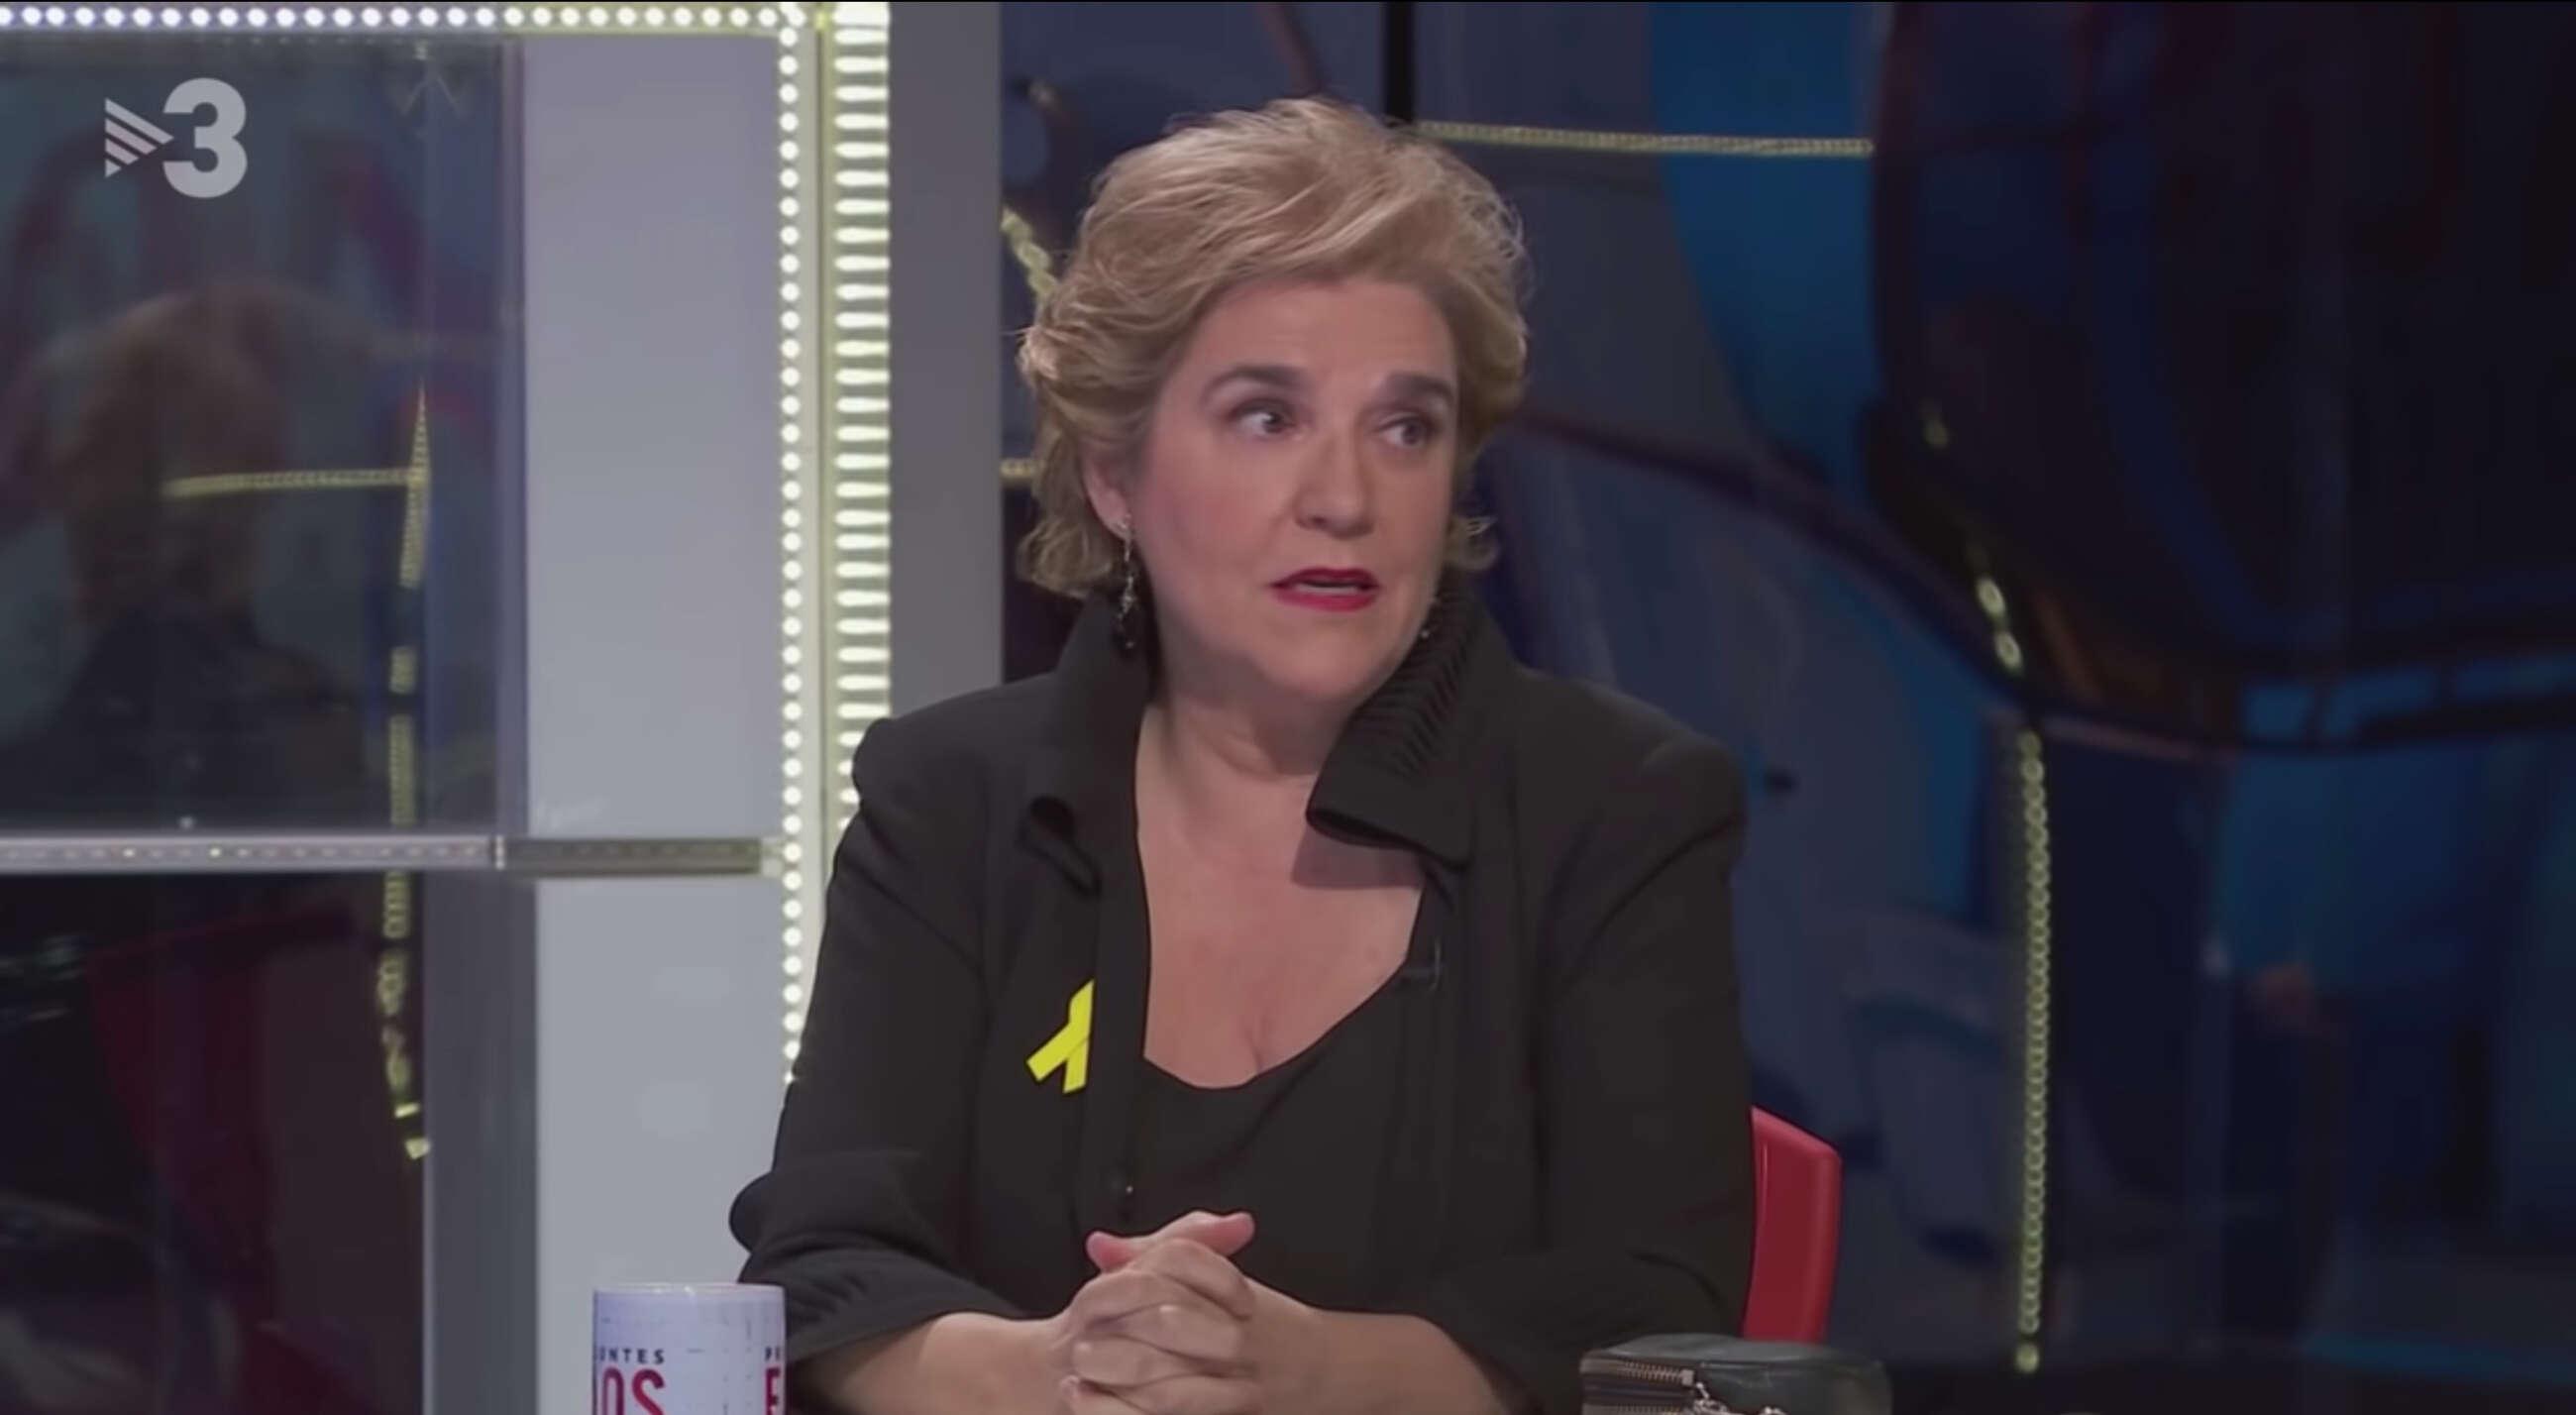 La periodista Pilar Rahola, en una tertulia del programa FAQS de TV3 / CCMA